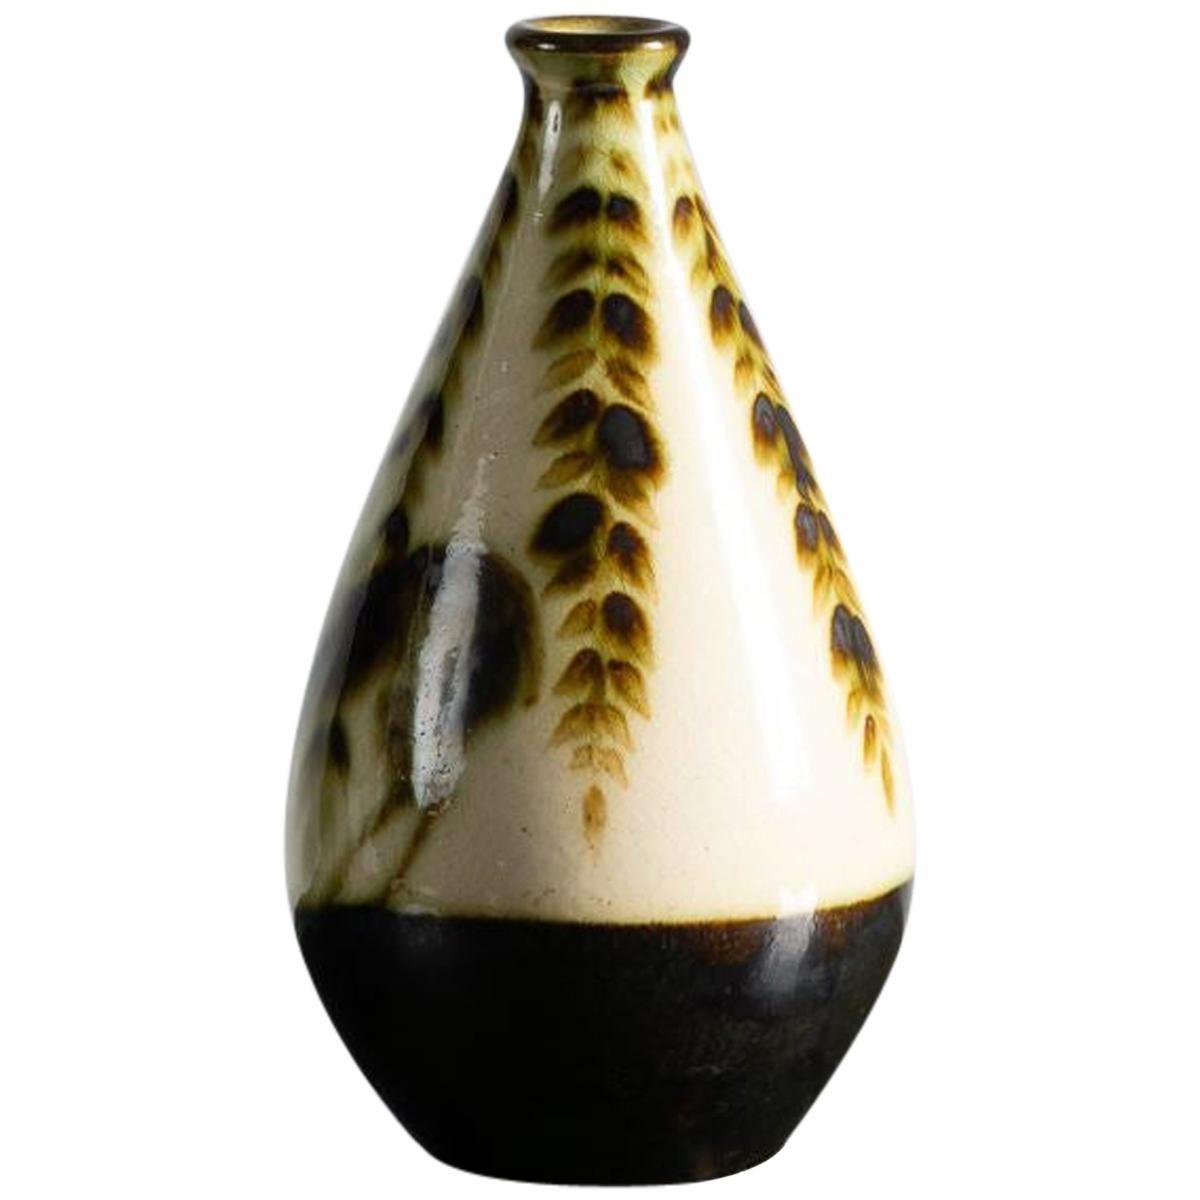 Primavera, Art Deco Glazed Ceramic Vase, France, circa 1930